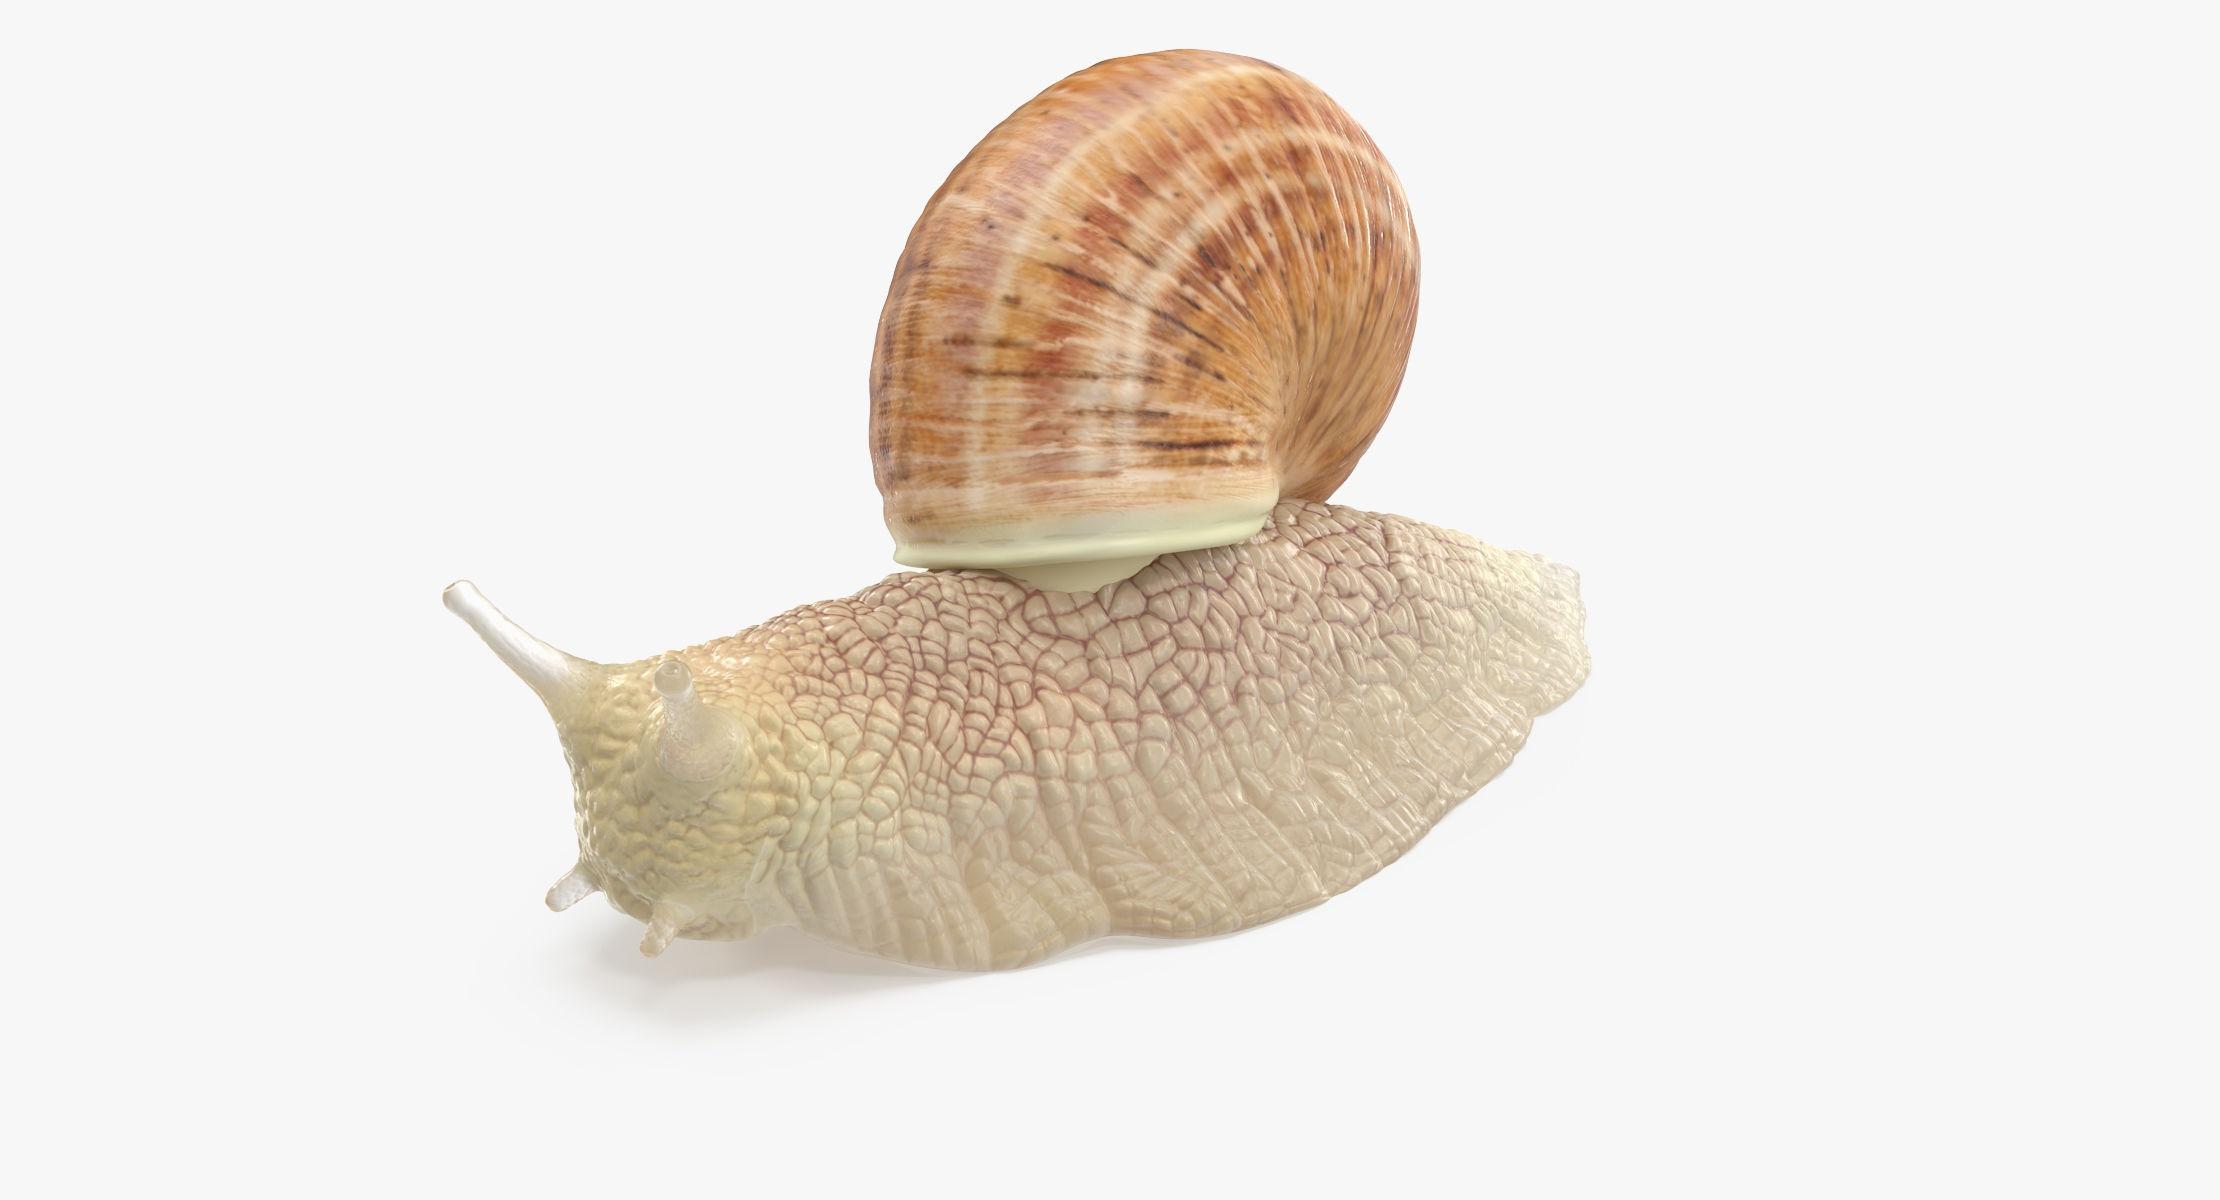 Snail 01 - reel 1